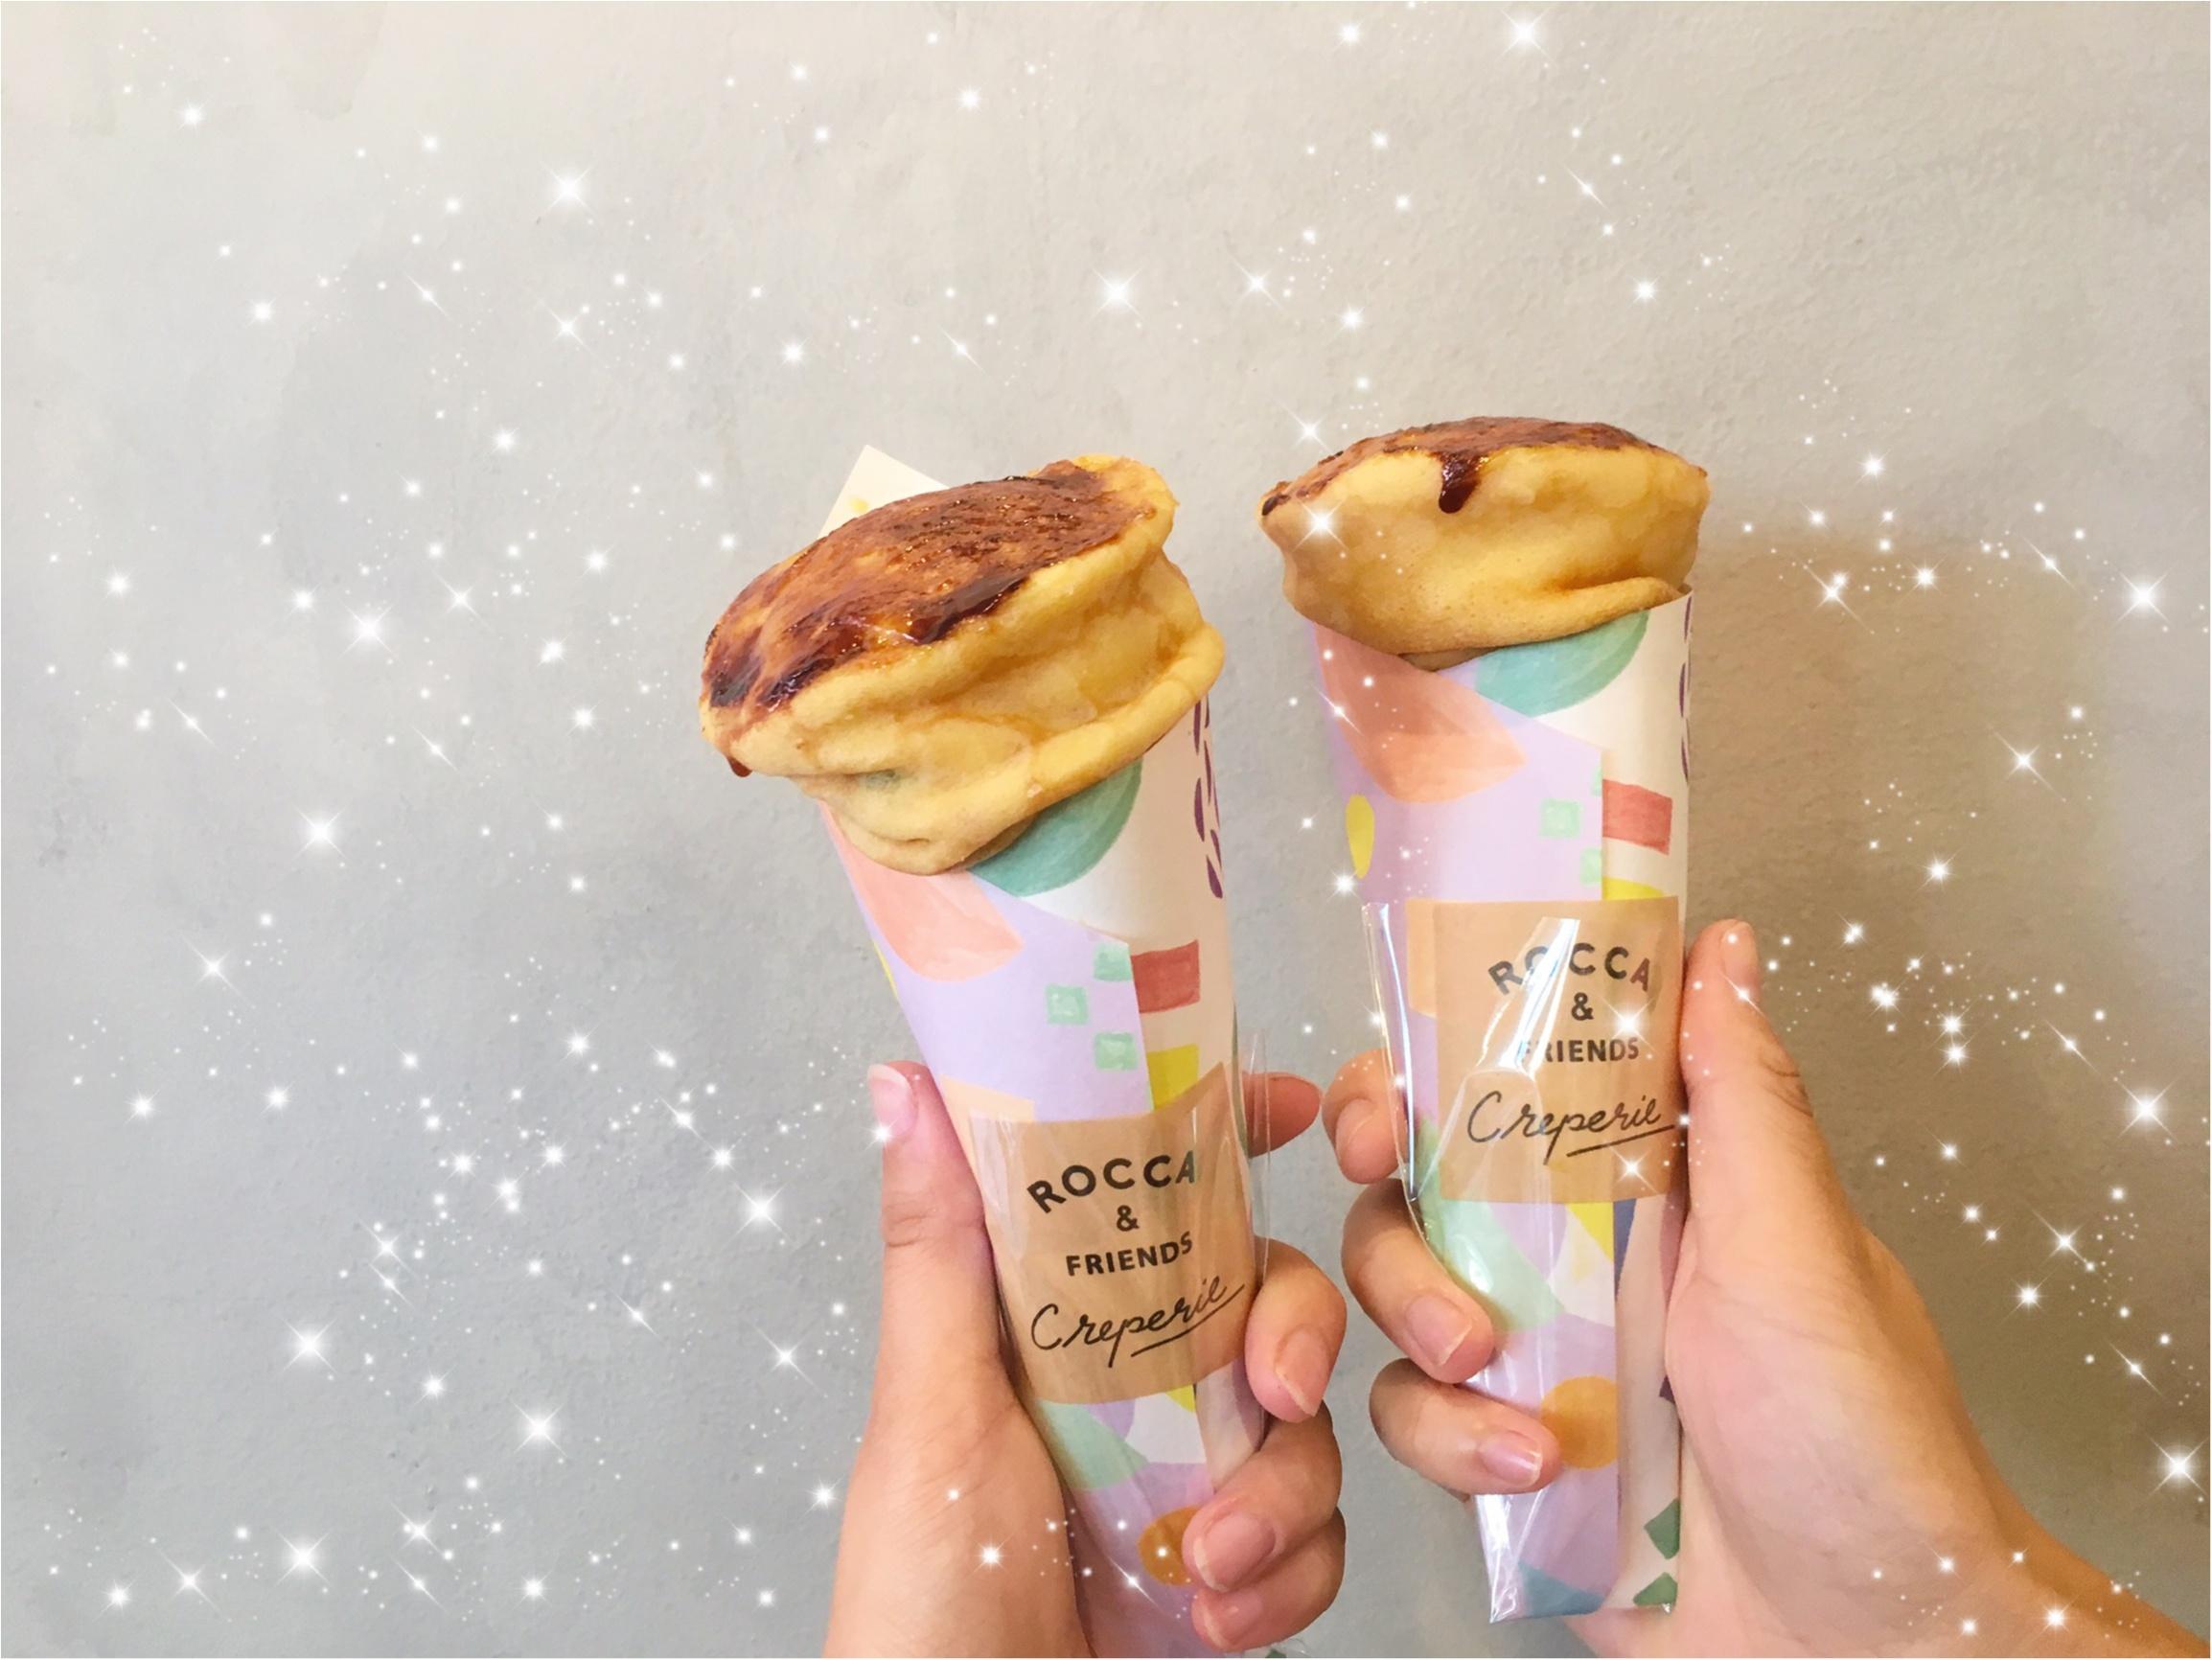 パリッ、トロ〜!クレームブリュレのクレープが絶品なカフェ♡♡_2